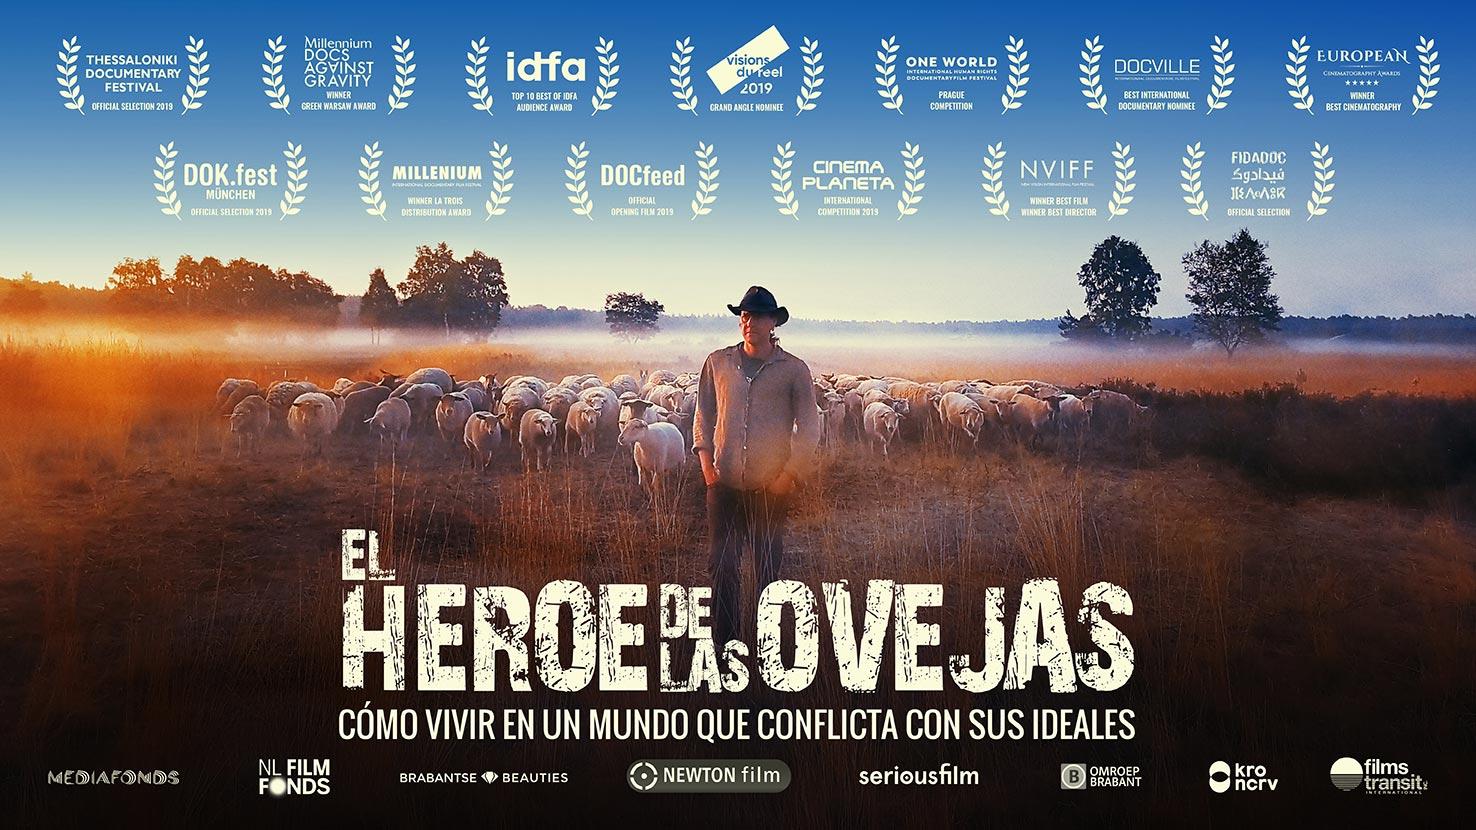 El_HEROE_DE_LAS_OVEJAS-SHEEPhero